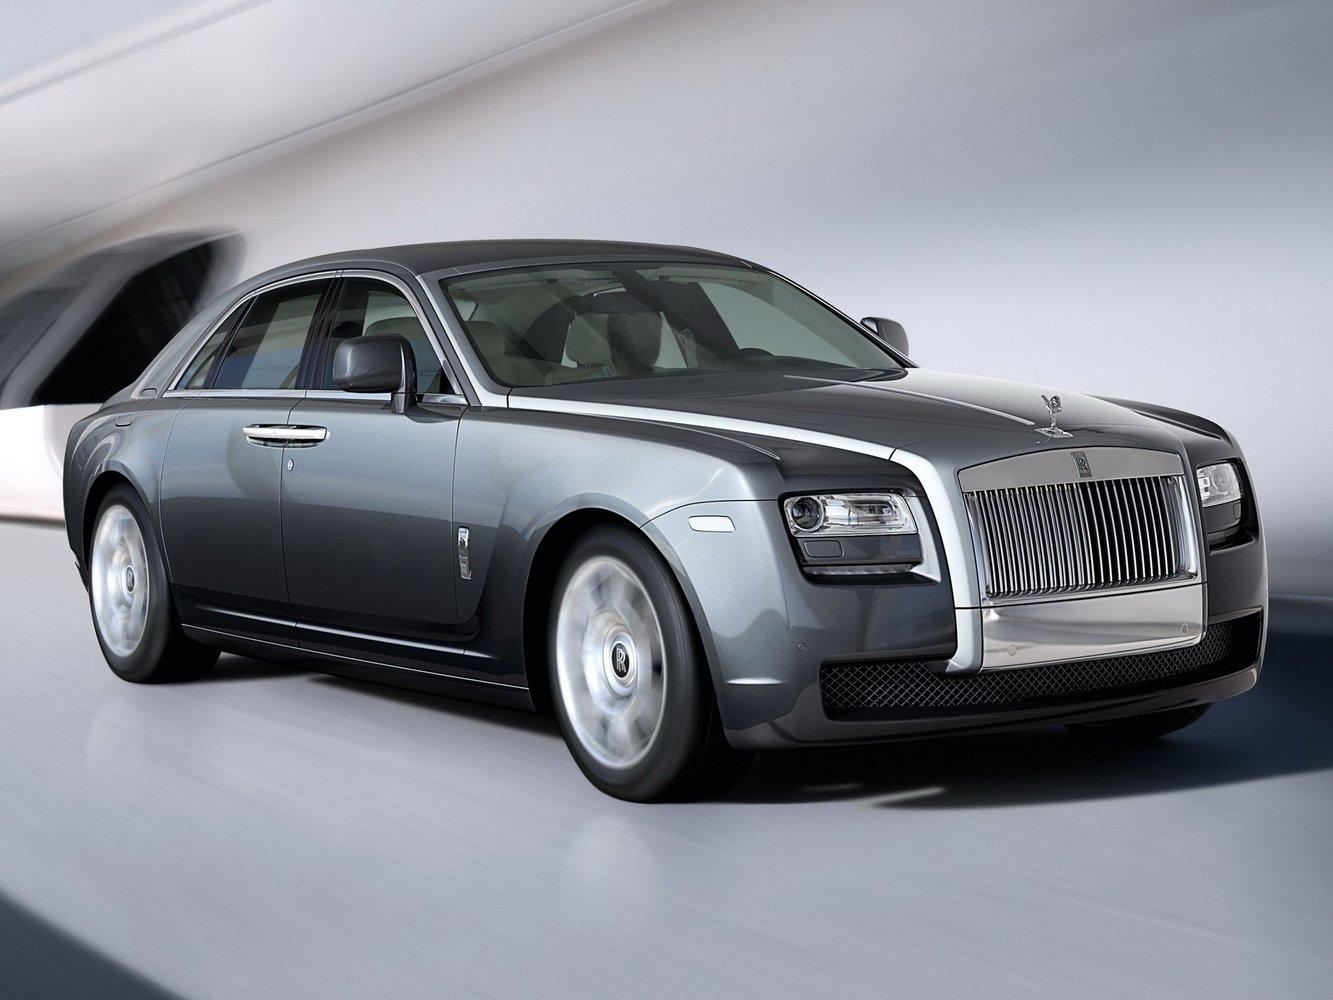 rolls_royce Rolls-Royce Ghost